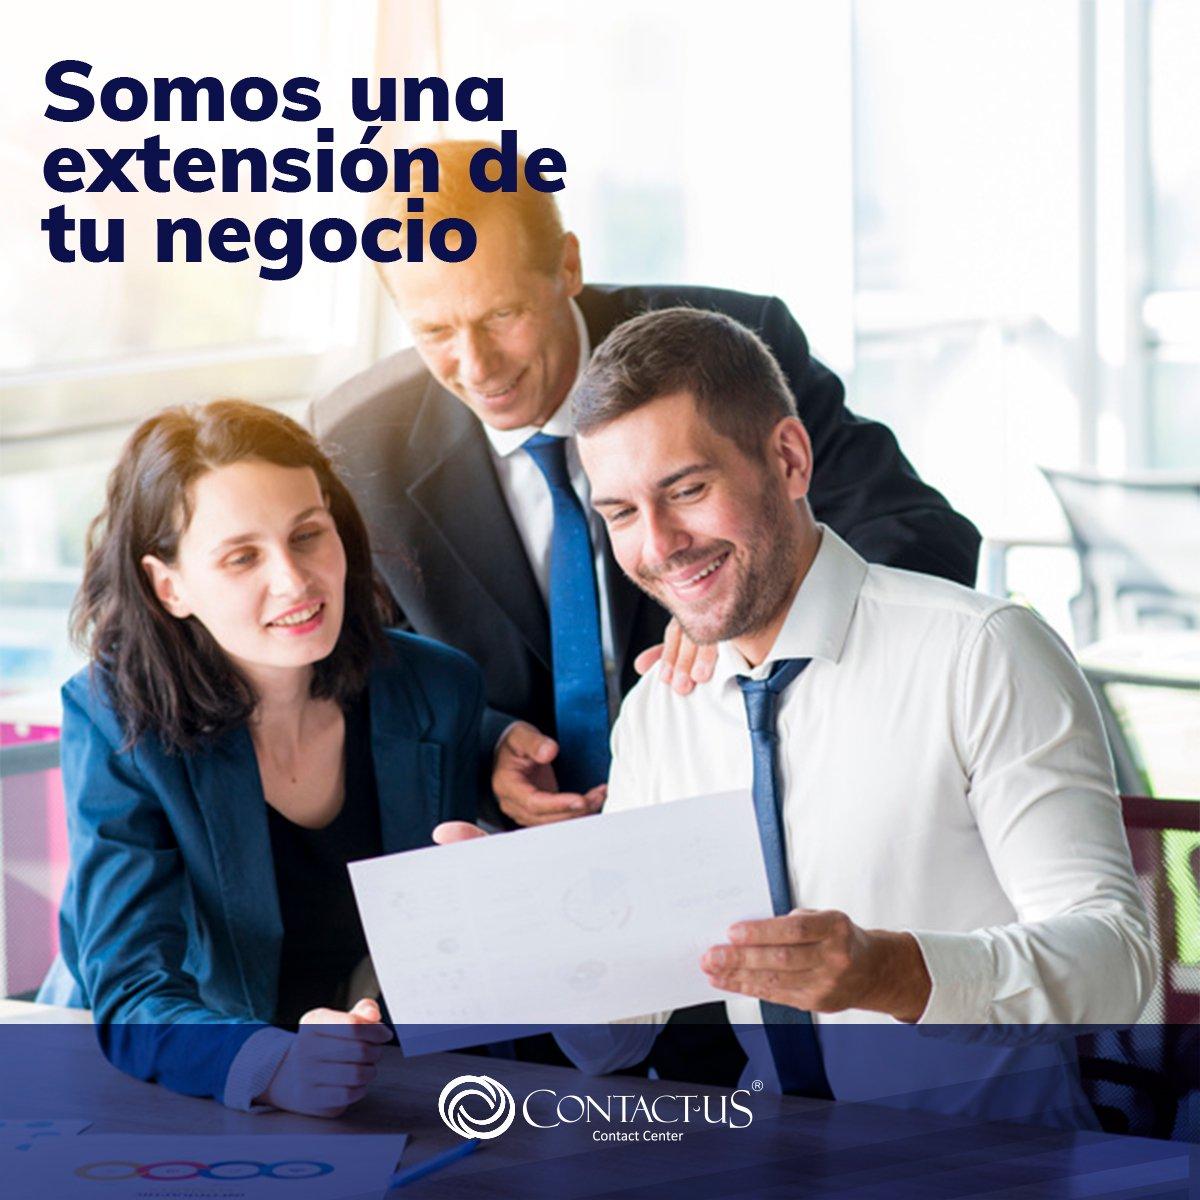 Nuestro enfoque es la innovación, la eficiencia y la eficacia, actuando siempre como una empresa socialmente responsable. ¡Sé un caso de éxito! #Puebla #AtenciónAClientes #Innovación